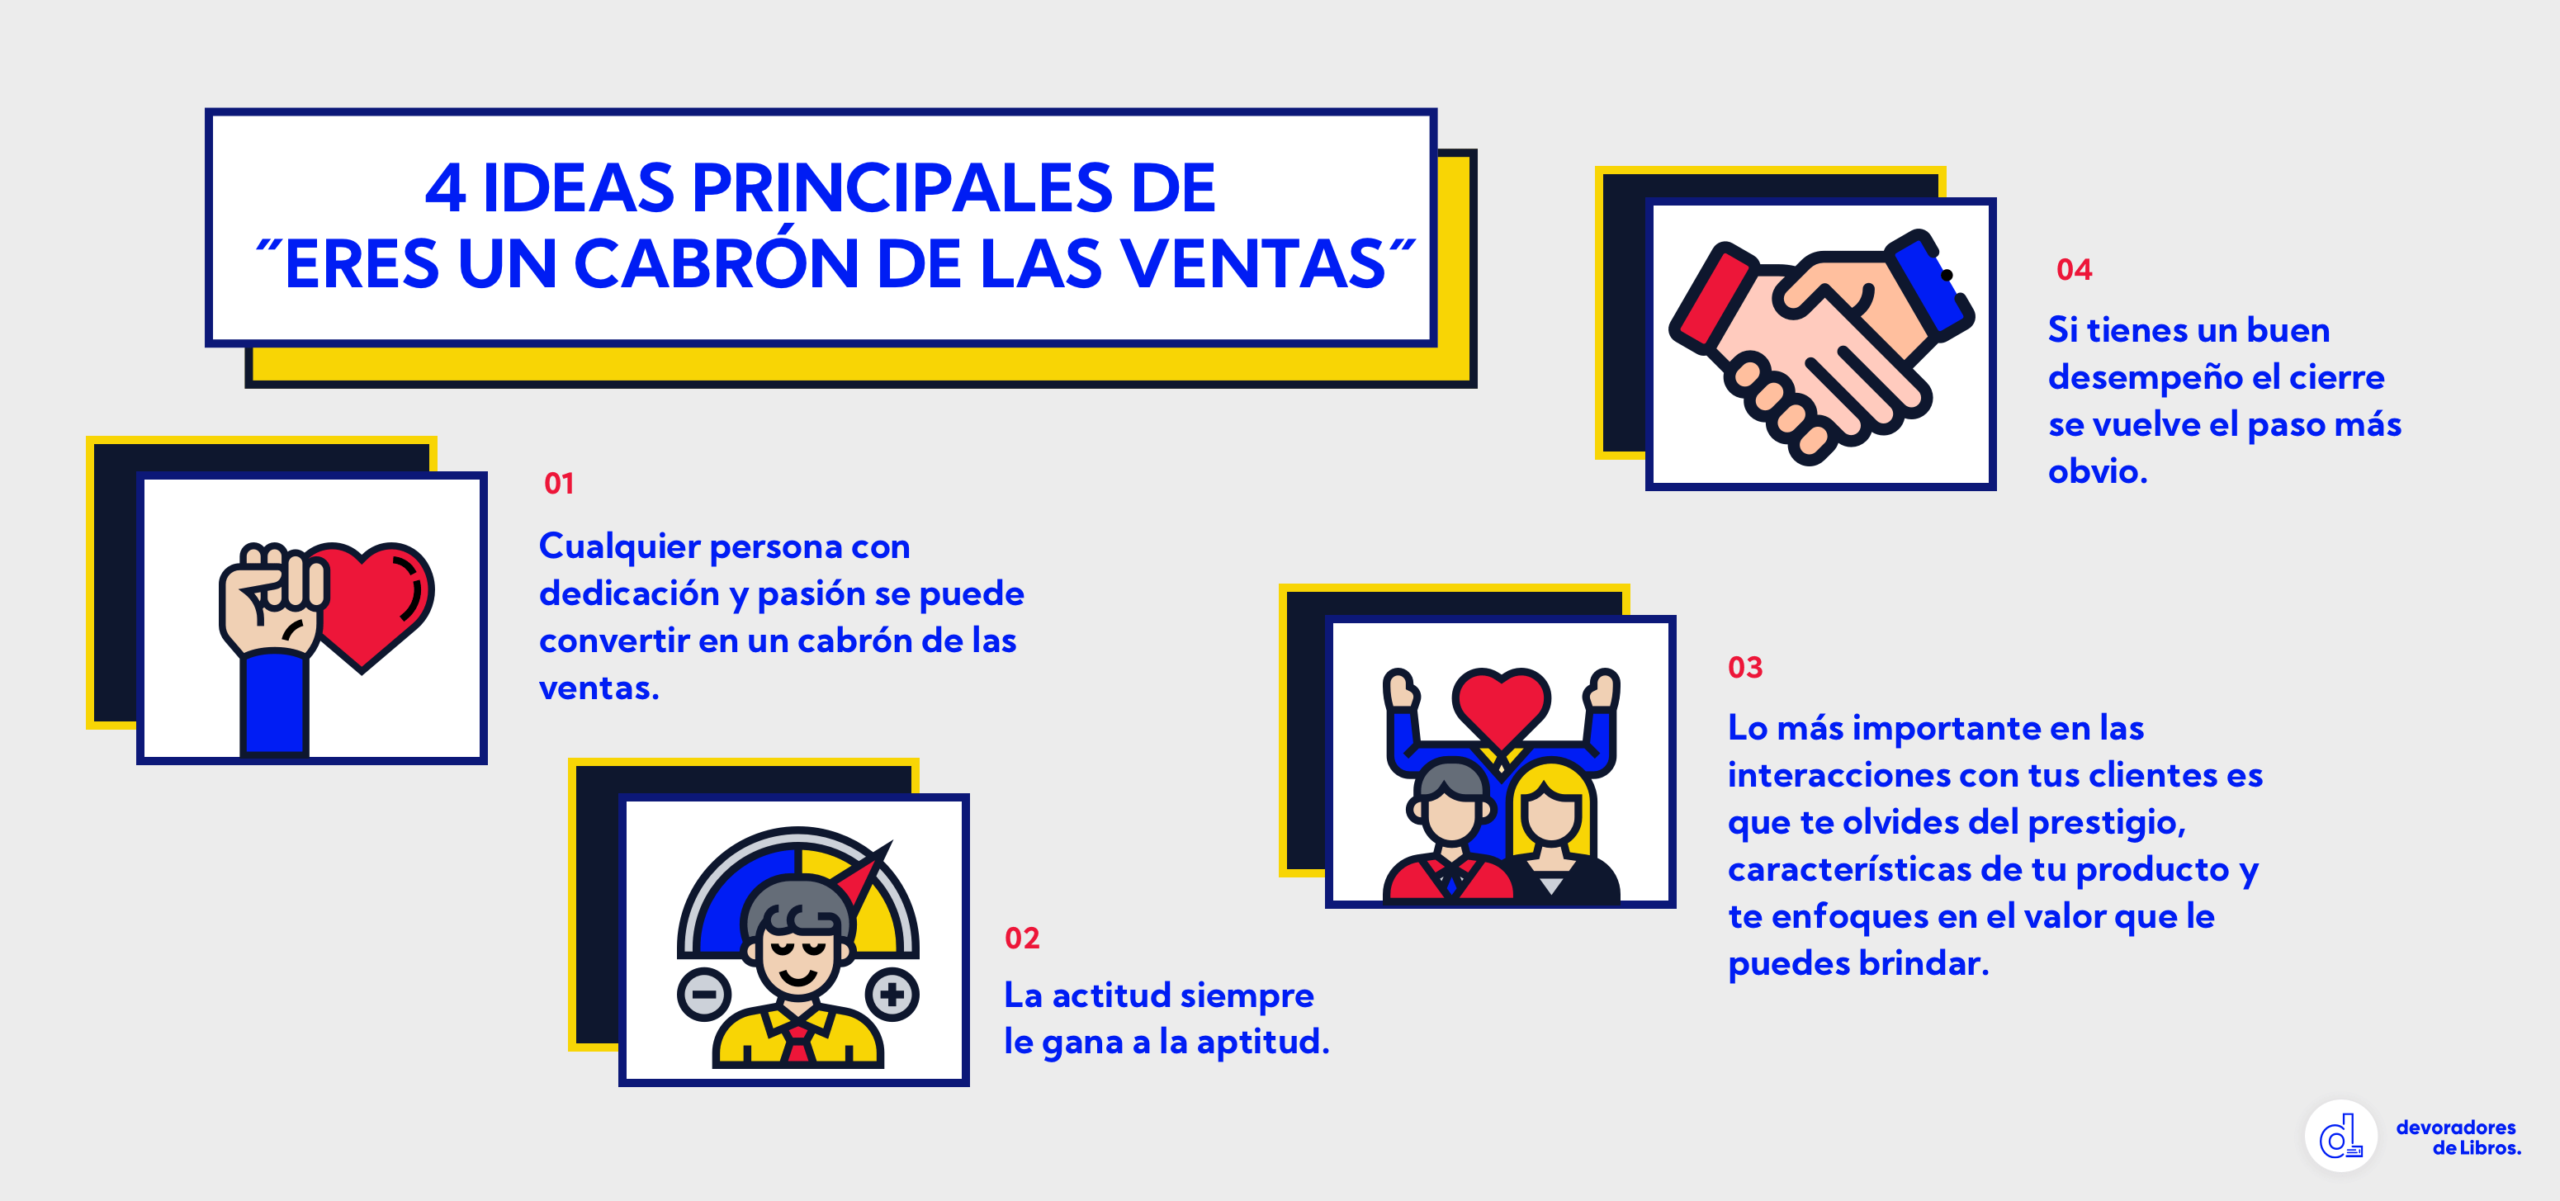 Ideas-principales- libro-Eres-cabrón-ventas-Gerardo-Rodriguez